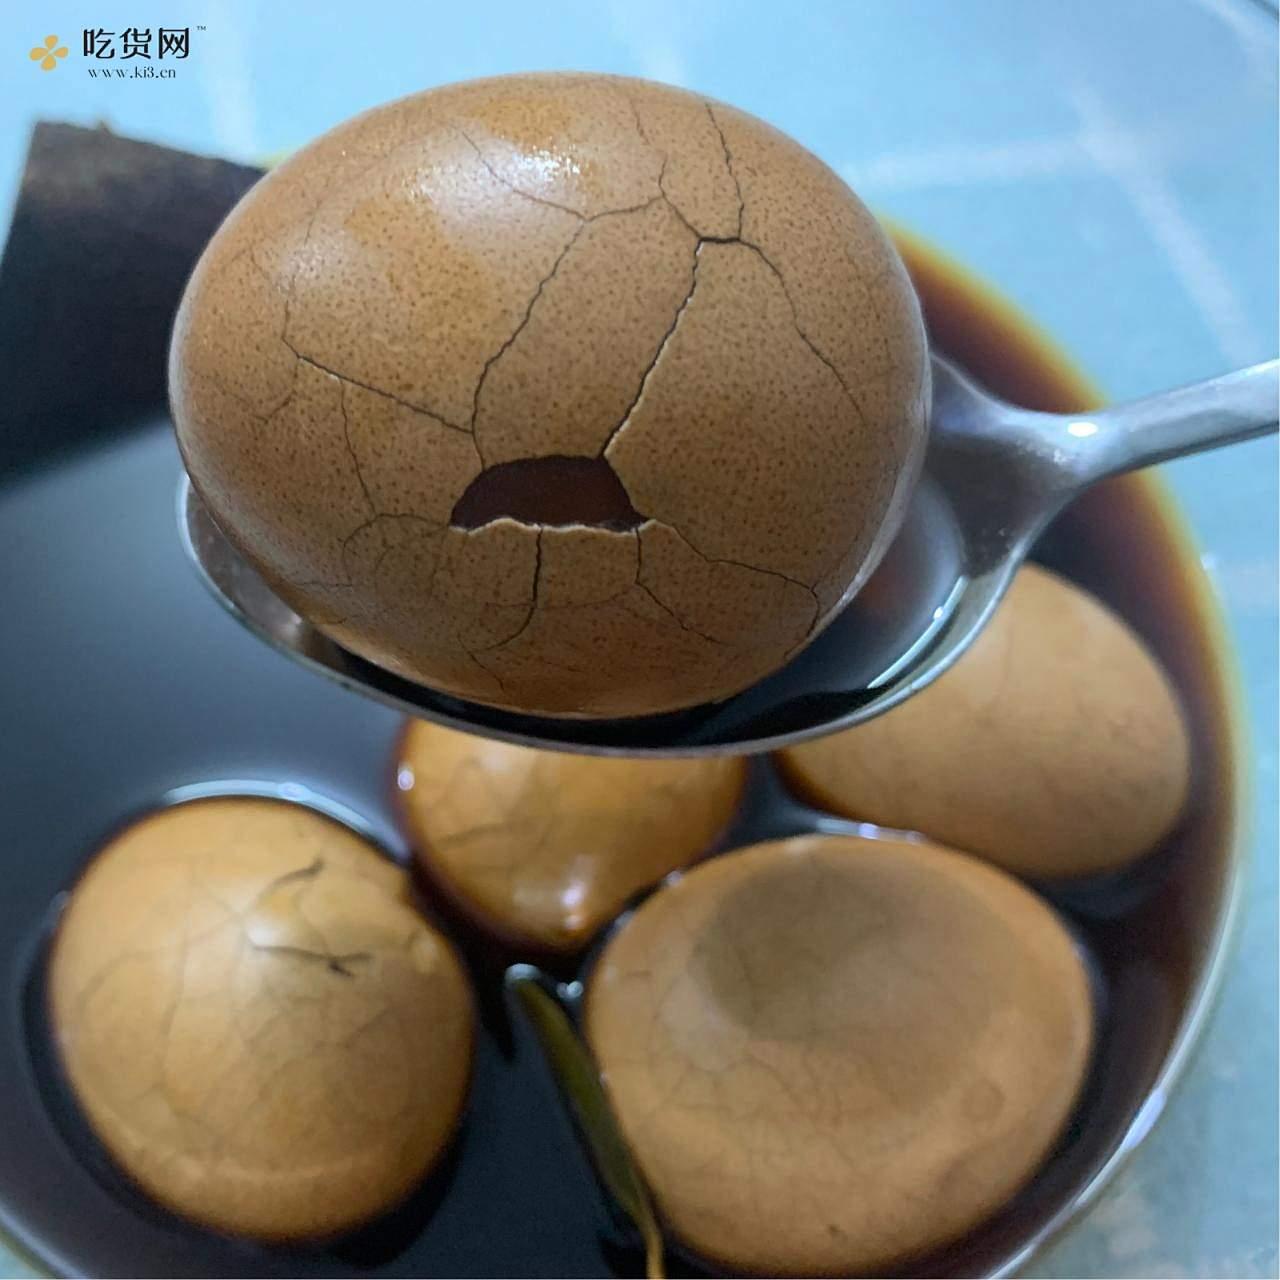 懒人茶叶蛋超简单做法40分钟搞定茶叶蛋的做法 步骤11